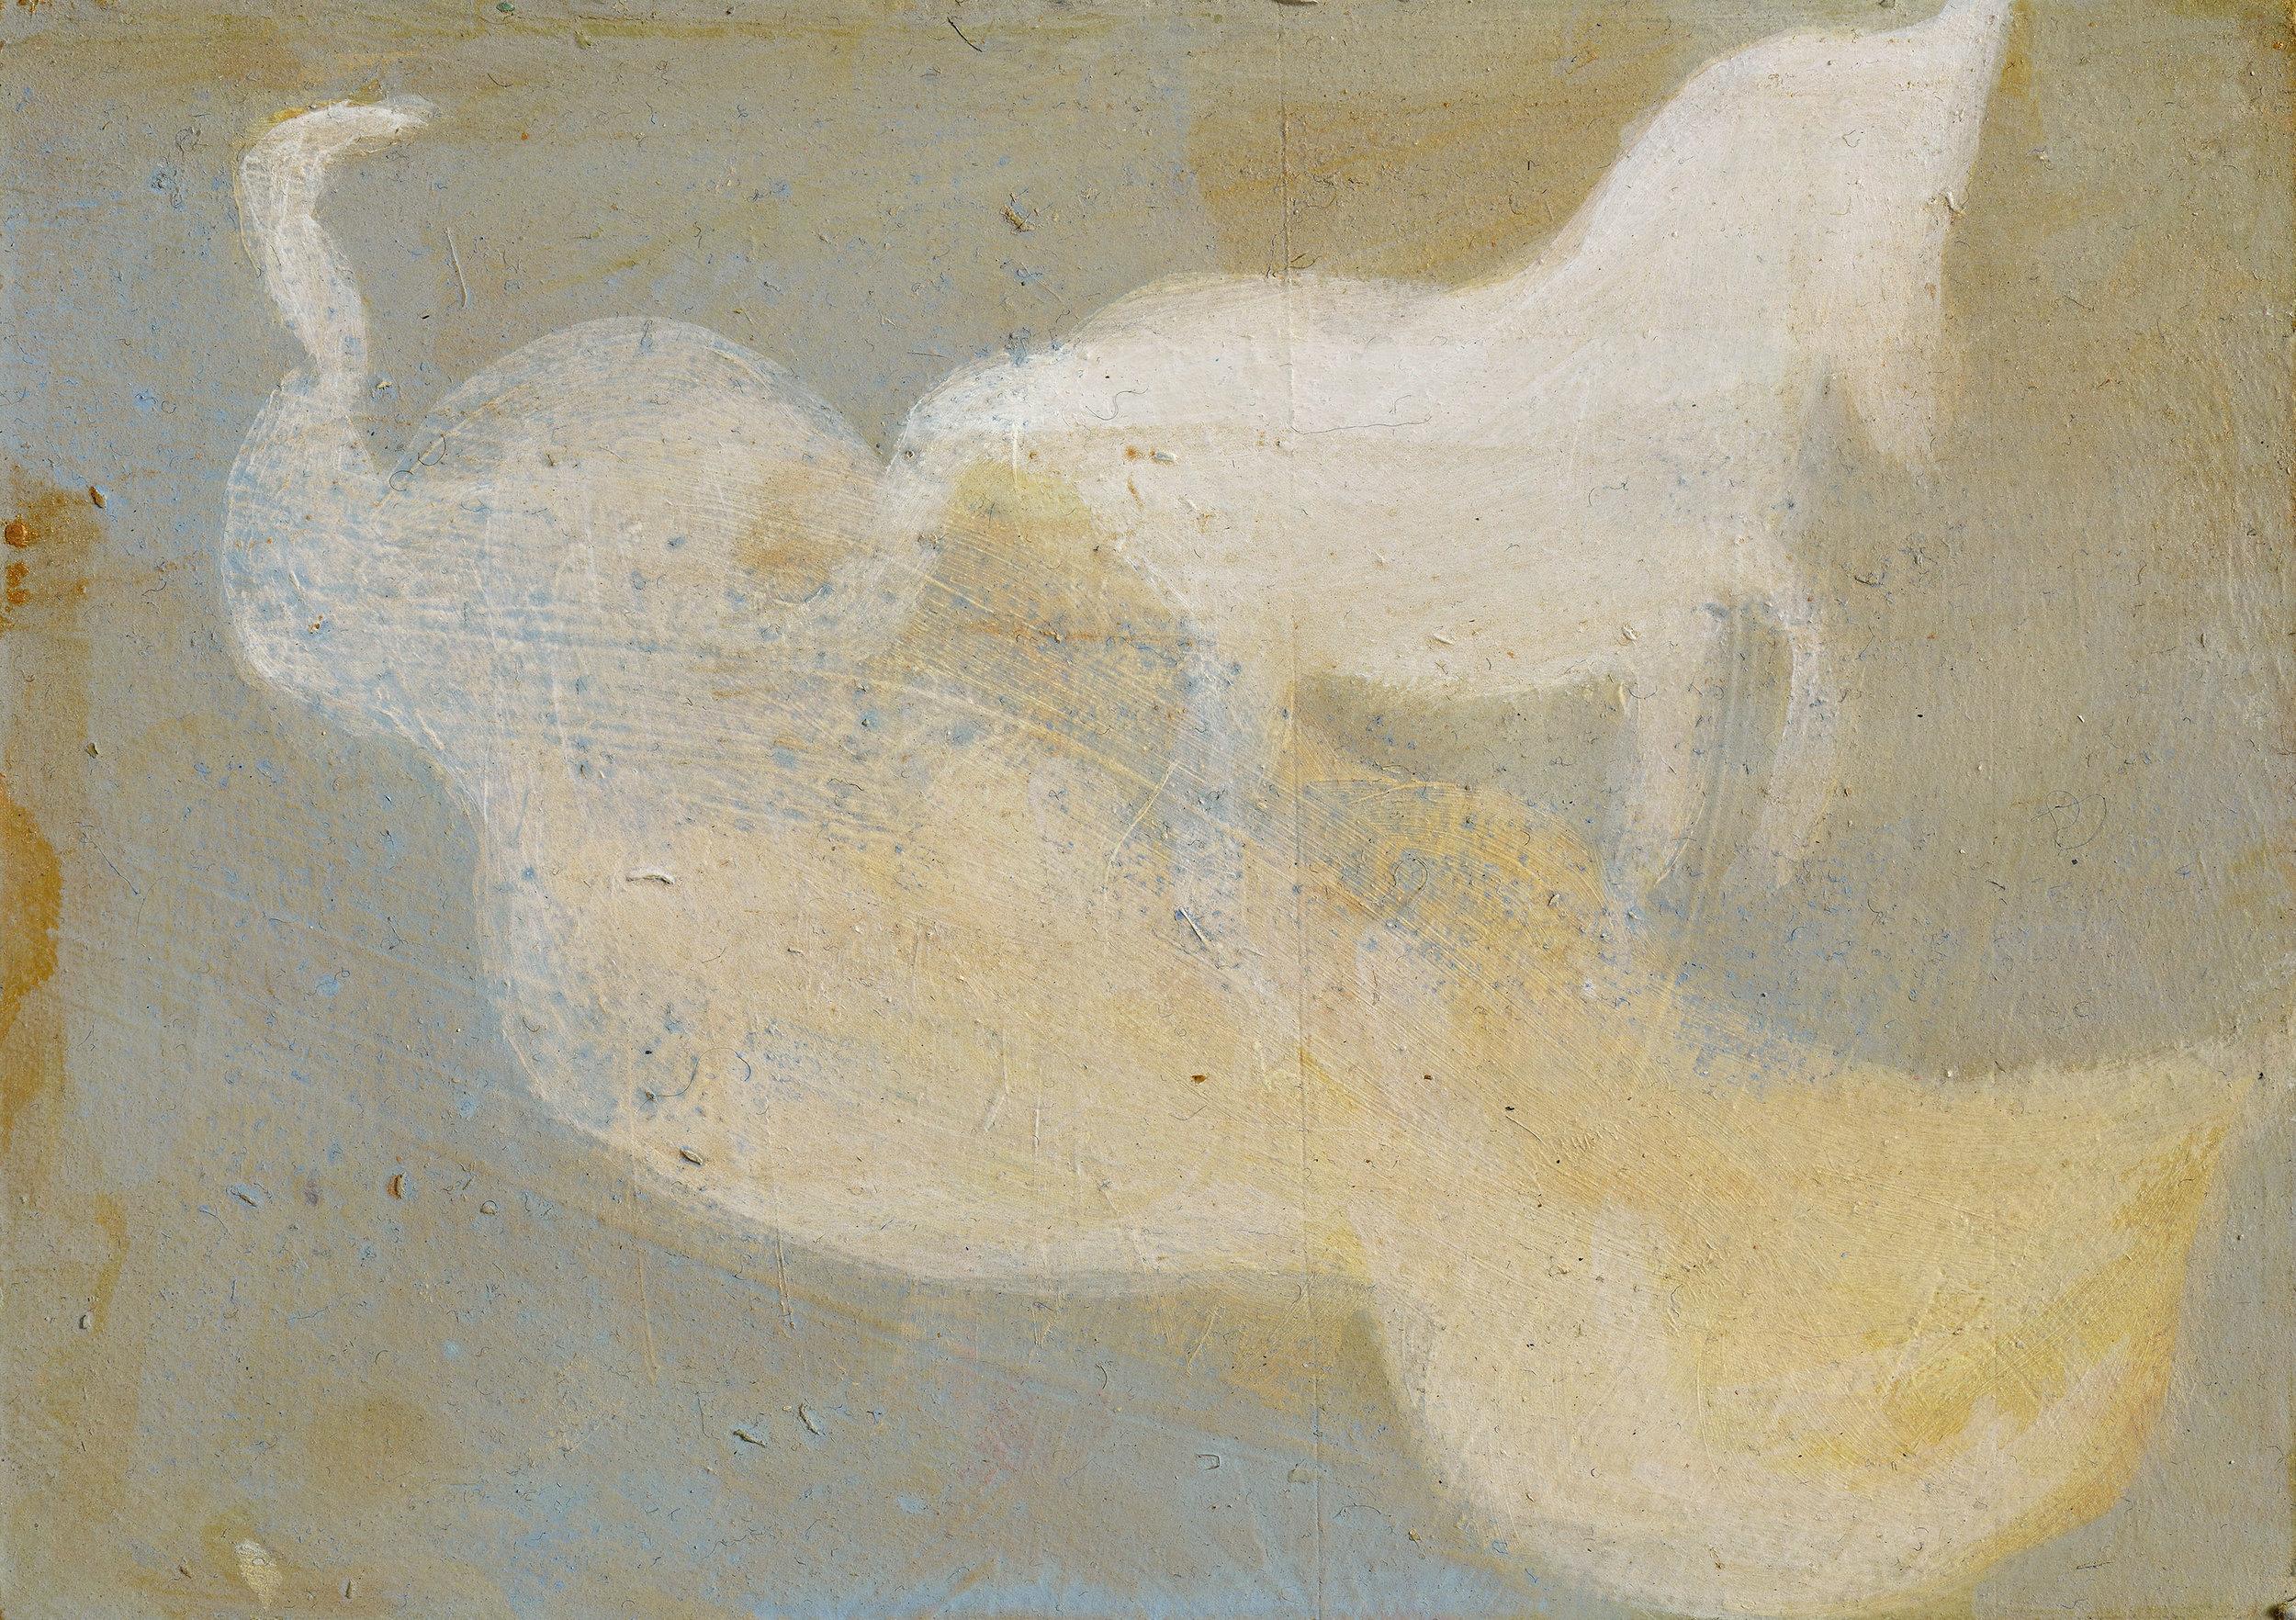 Series 1_26_Pheasant and Horse_11x15cm.jpg